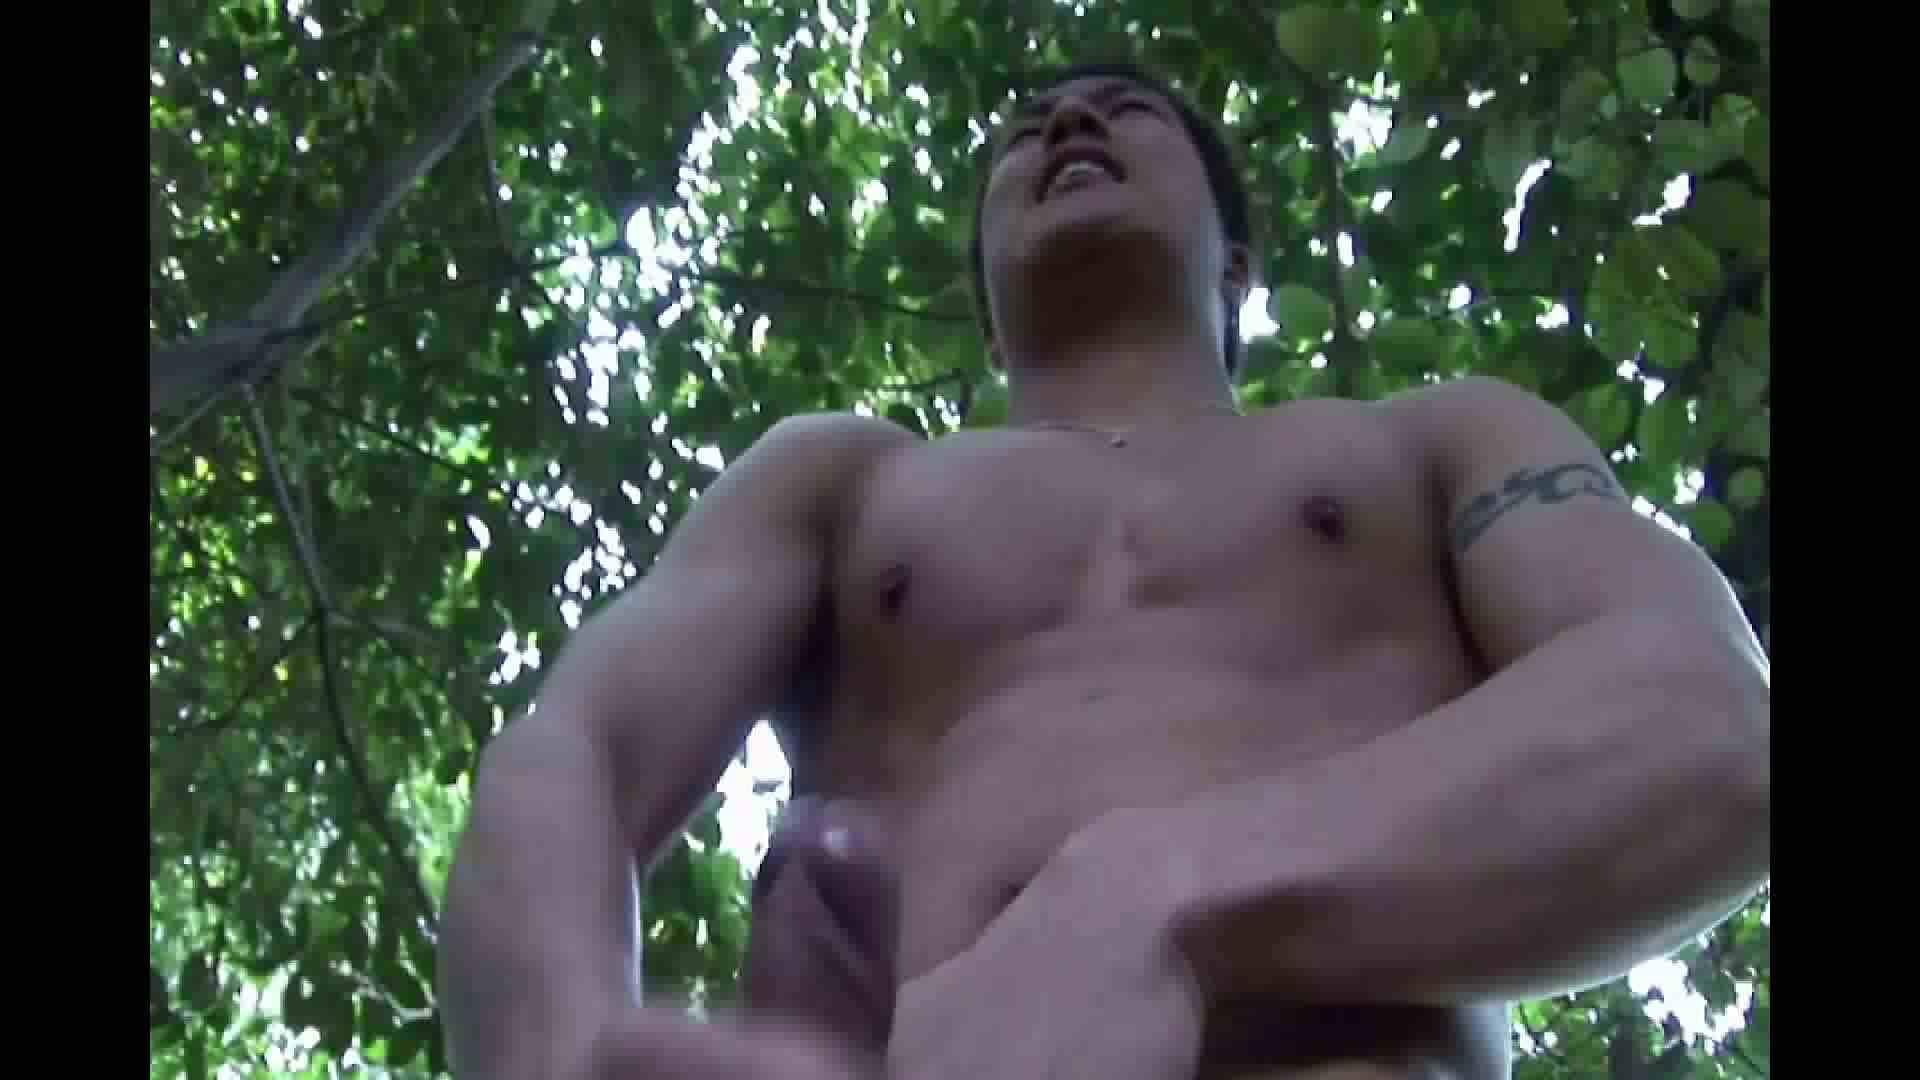 ノンケイケメンの欲望と肉棒 Vol.8 肉肉しい男たち ゲイエロ画像 73連発 8